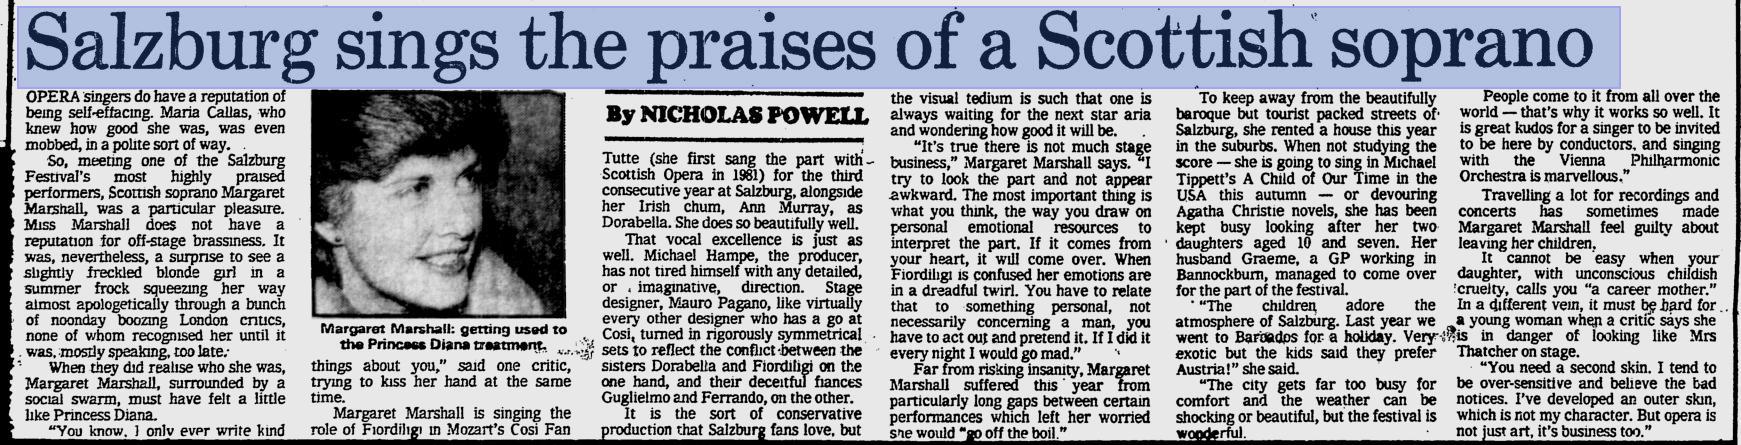 GH Sep 17, 1985